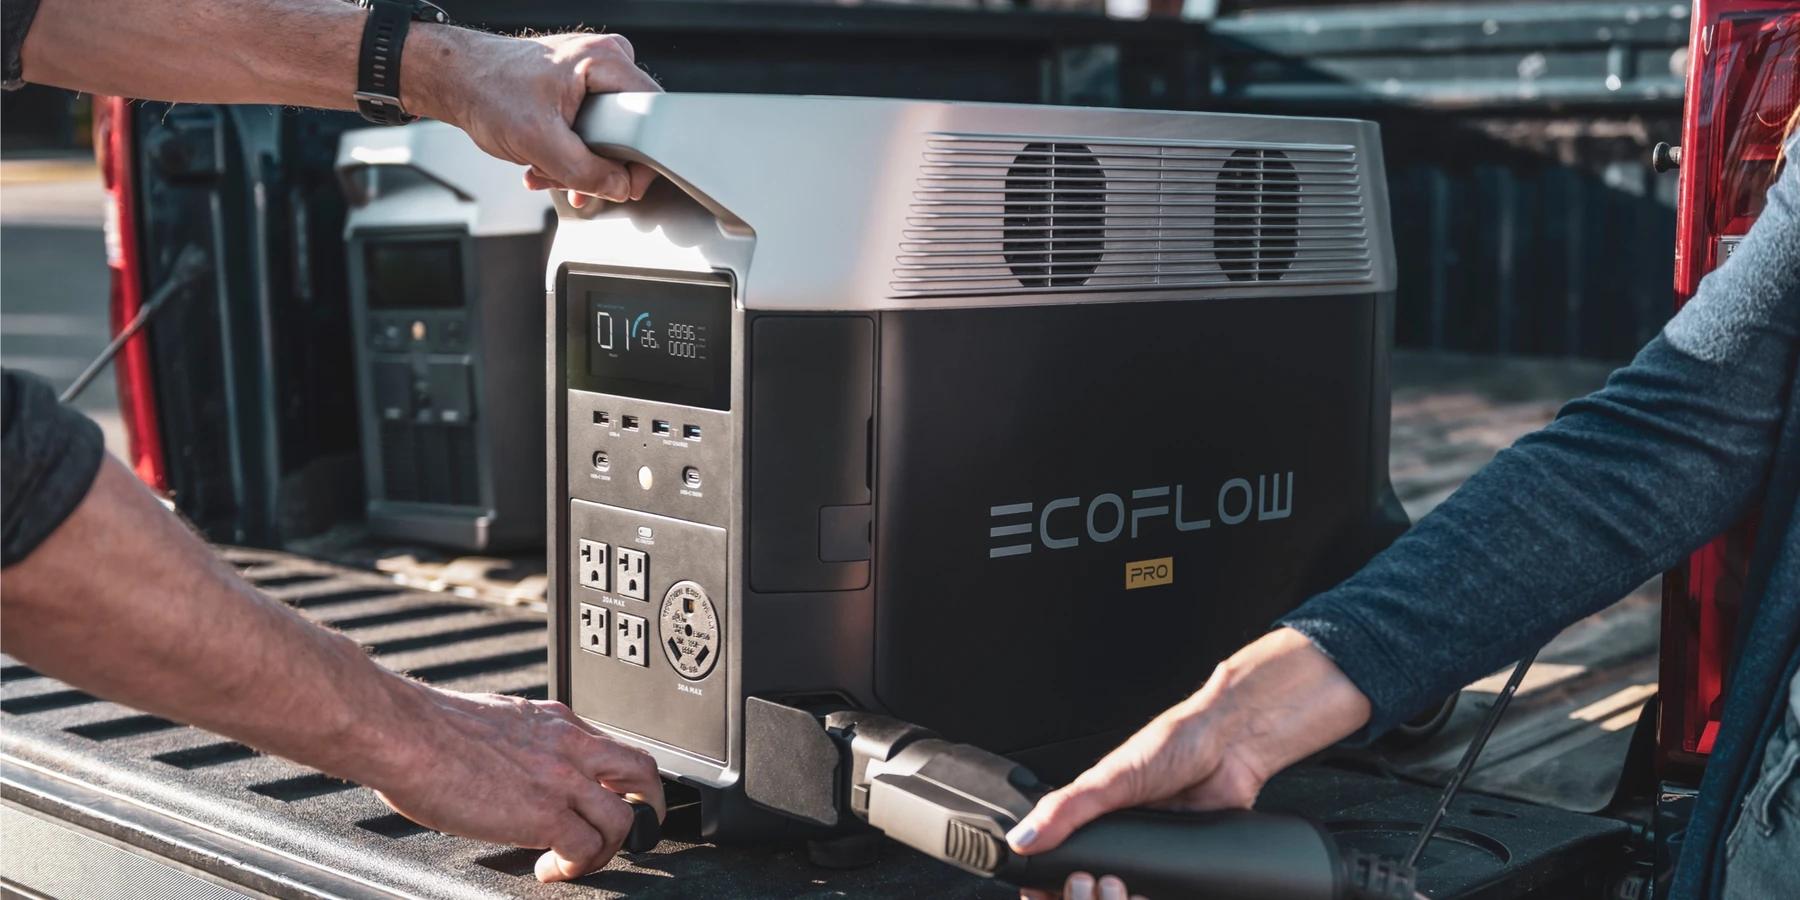 ładowanie ecoflow delta pro na stacji ładowania pojazdów elektrycznych EV